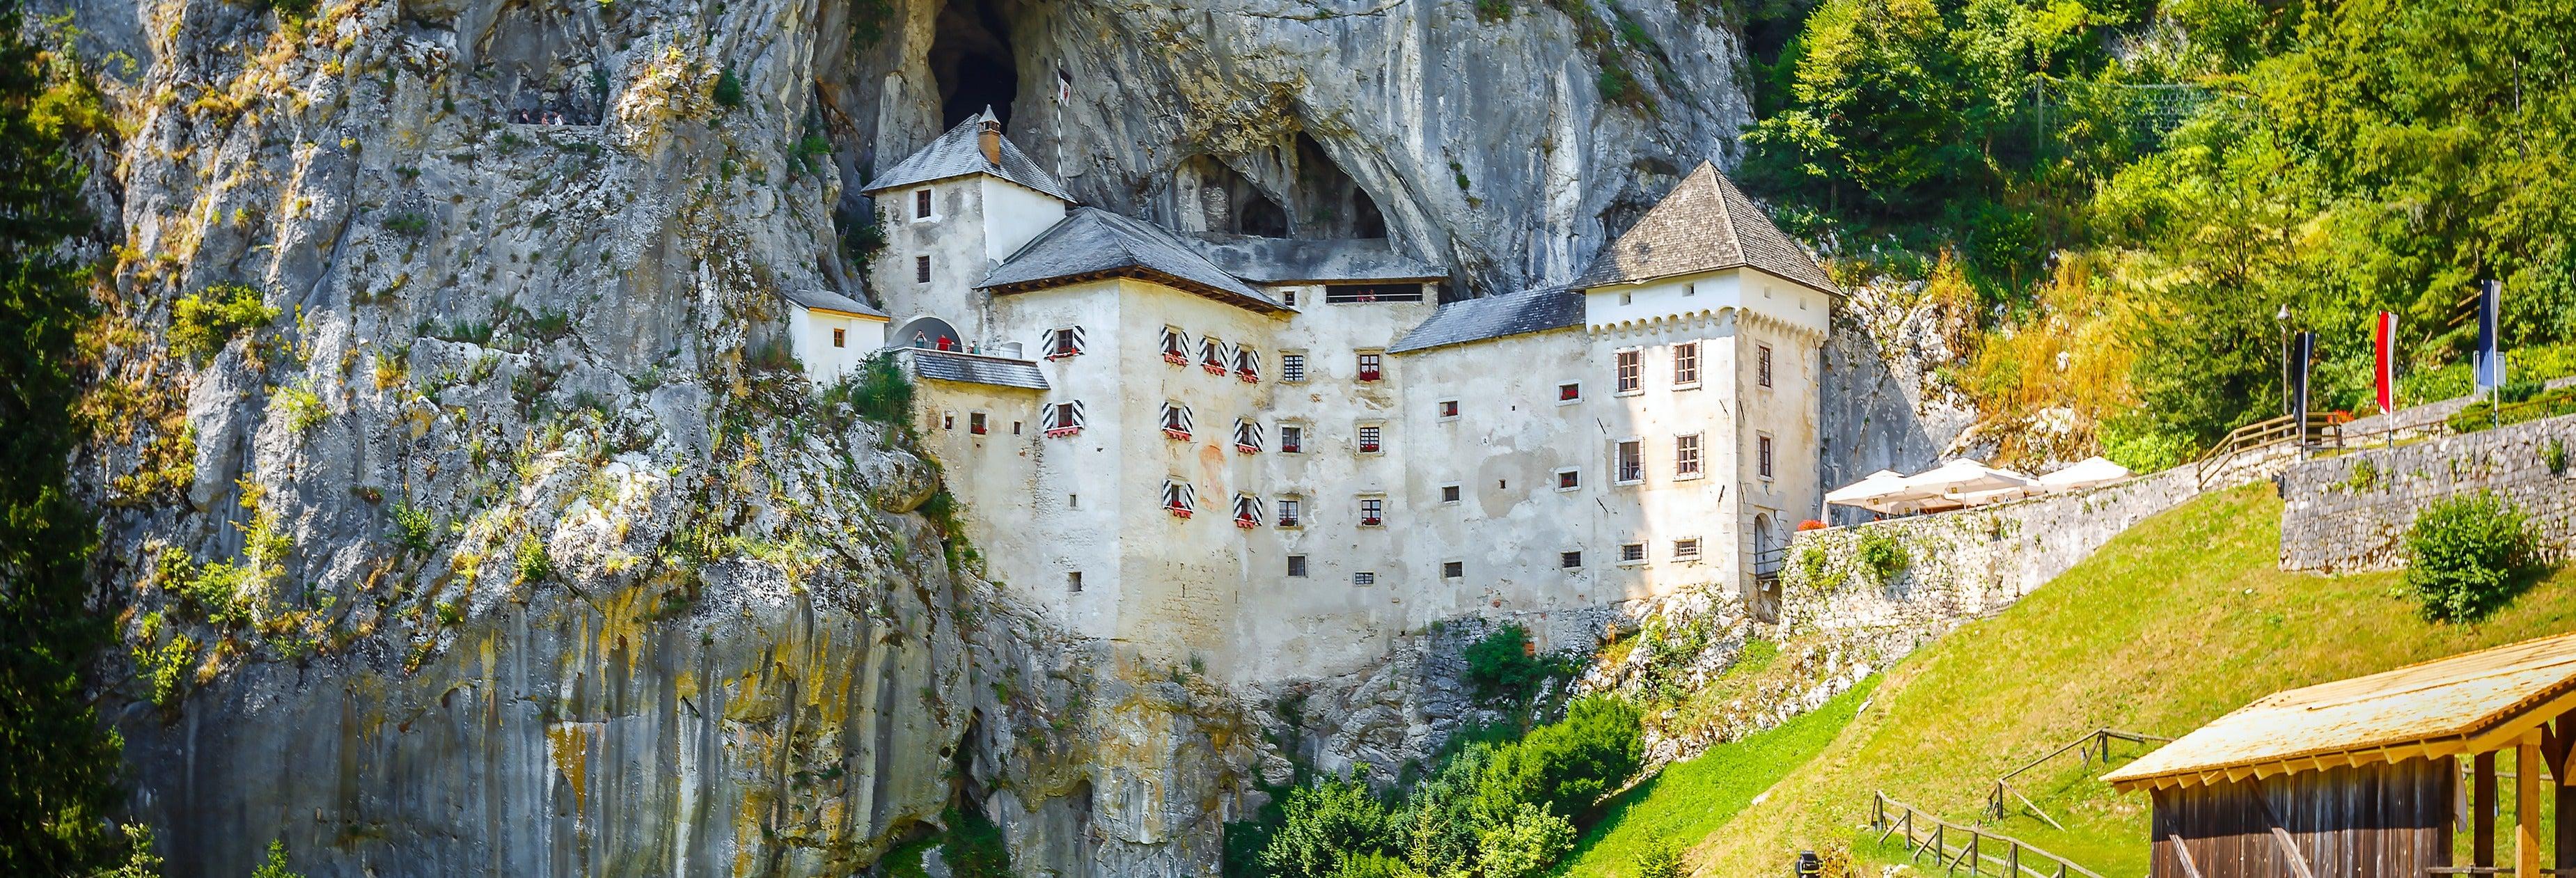 Excursión a la cueva Postojna y el castillo de Predjama